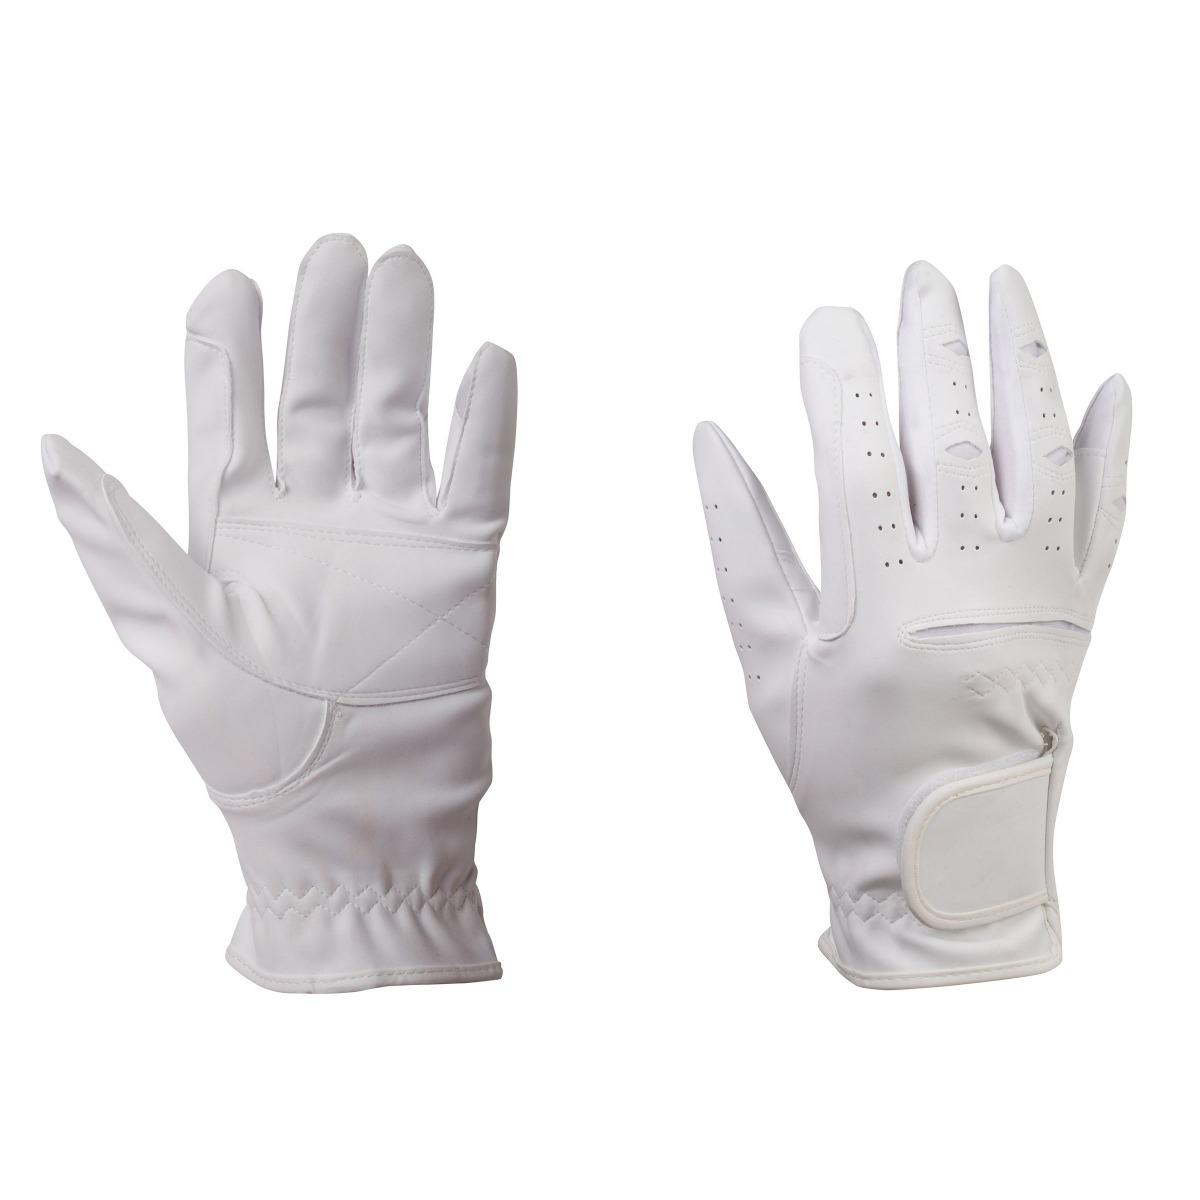 dublin everyday mighty grip gloves